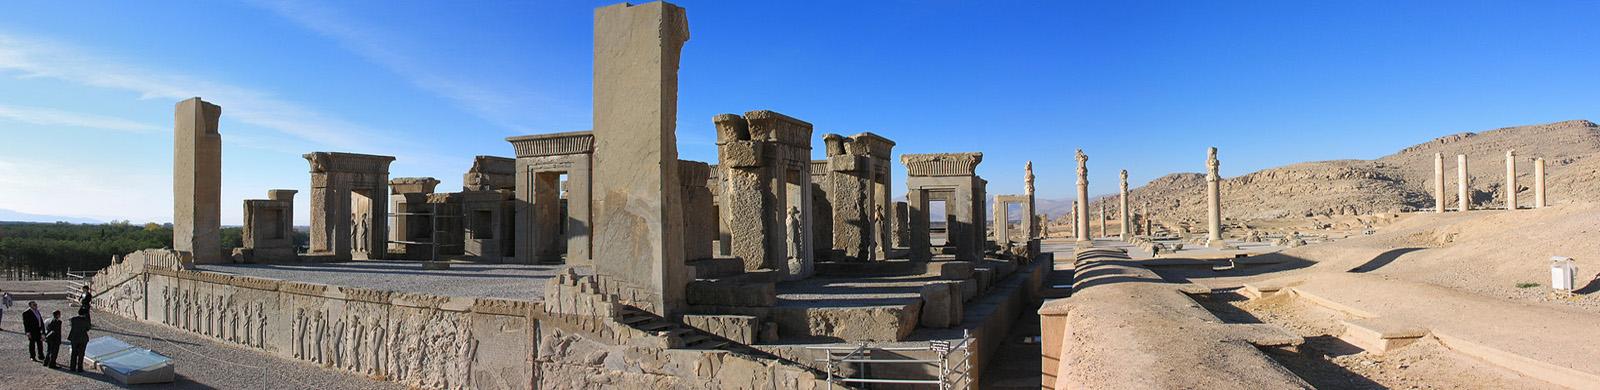 Persepolis-Fars Province